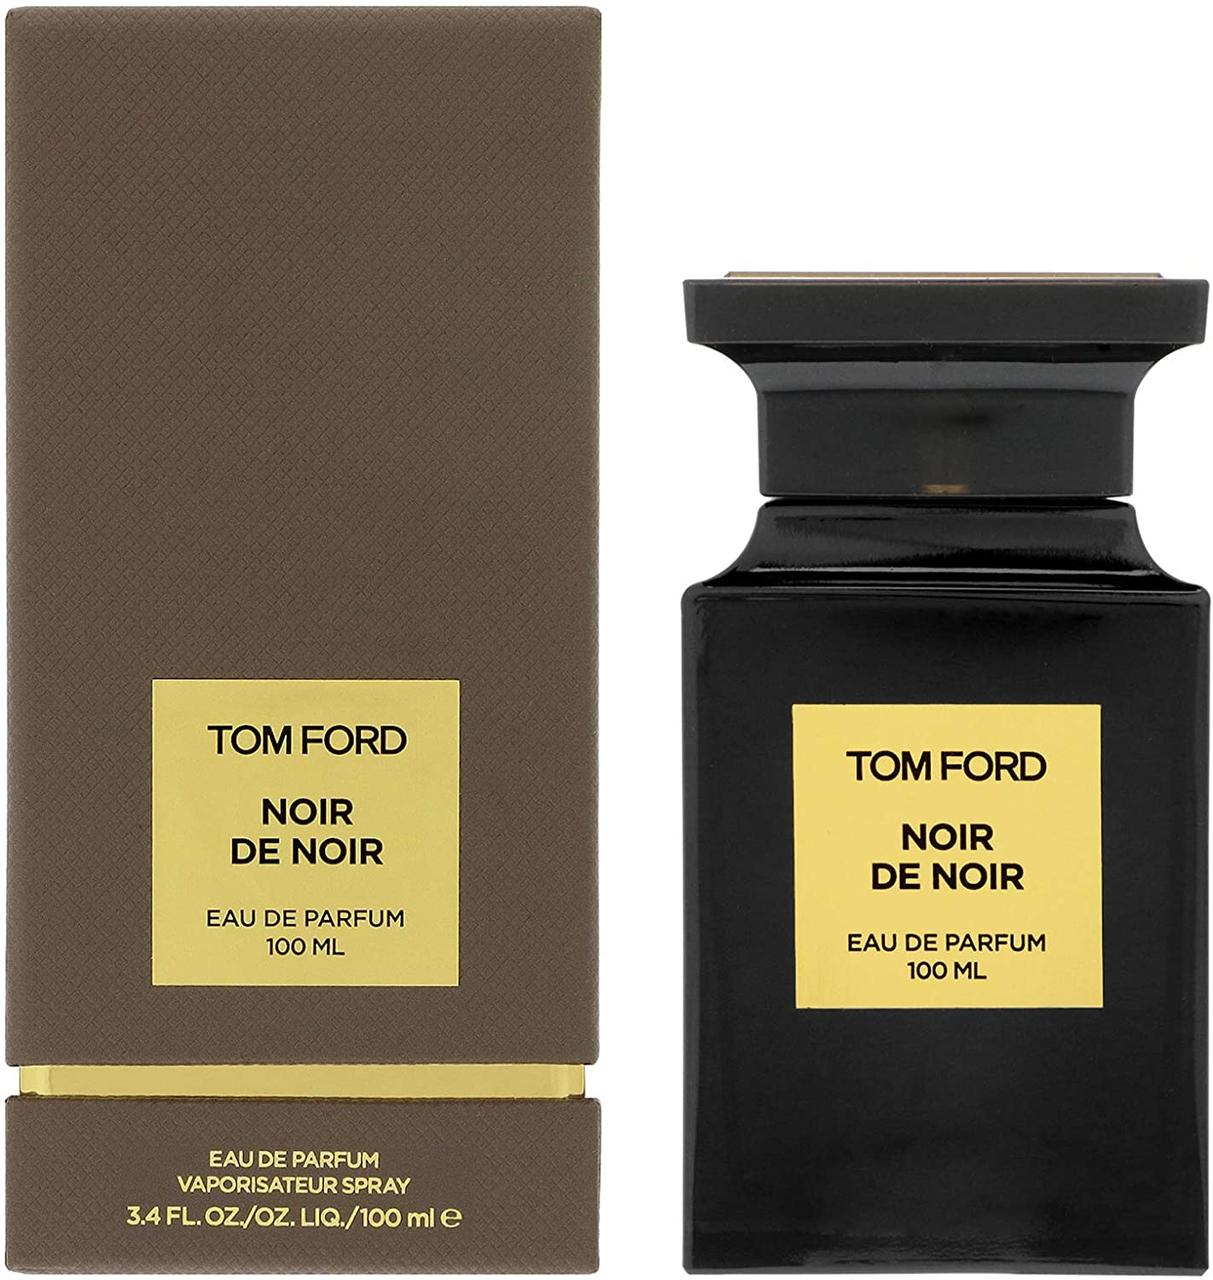 Tom Ford Noir de Noir Парфюмированная вода реплика